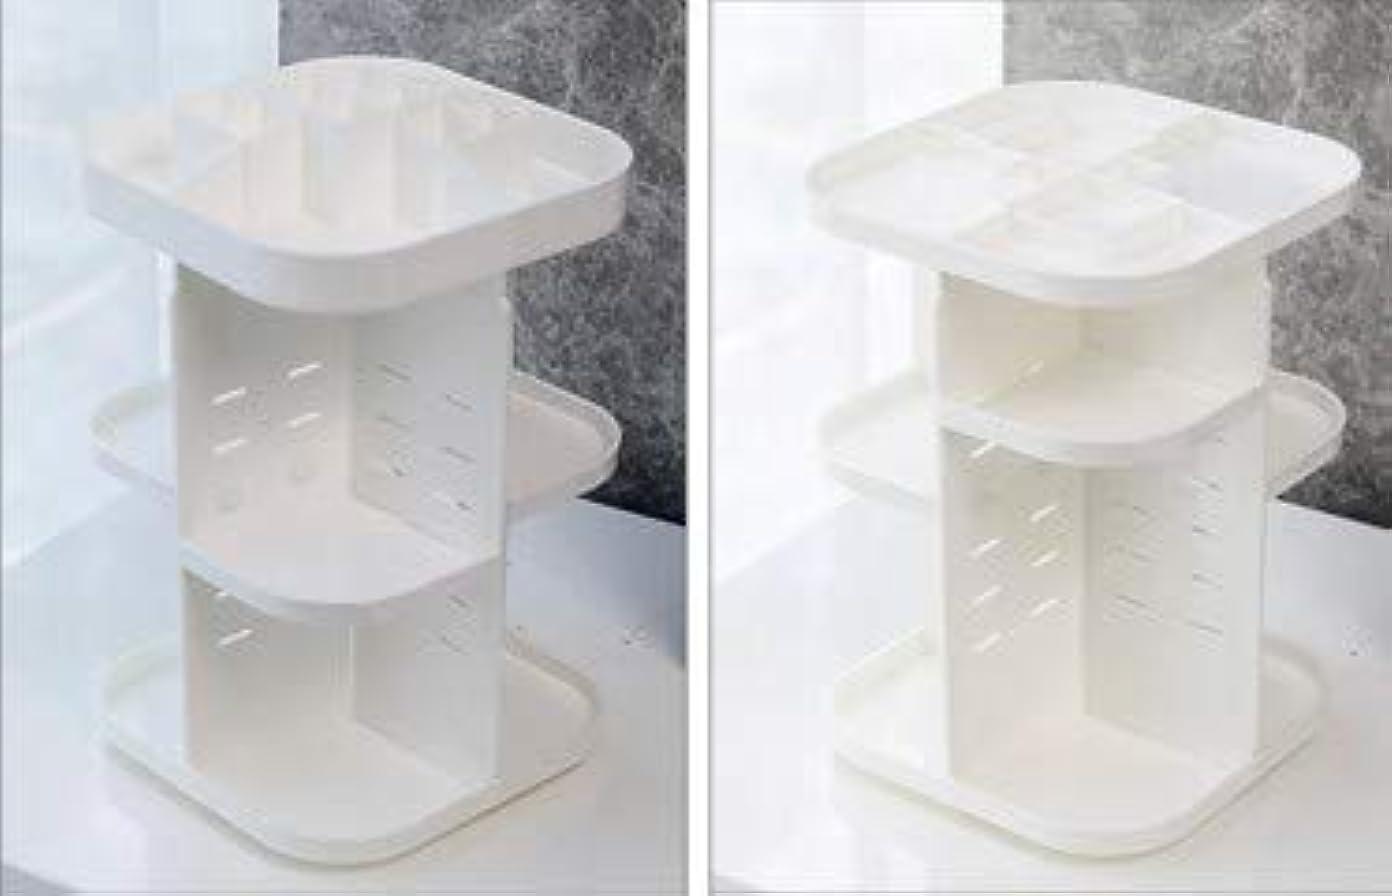 合併正確なコンサルタント化粧品収納ボックス透明アクリル回転プラスチックスキンケアラウンドクリエイティブドレッシングテーブルデスクトップ収納 (Size : M)